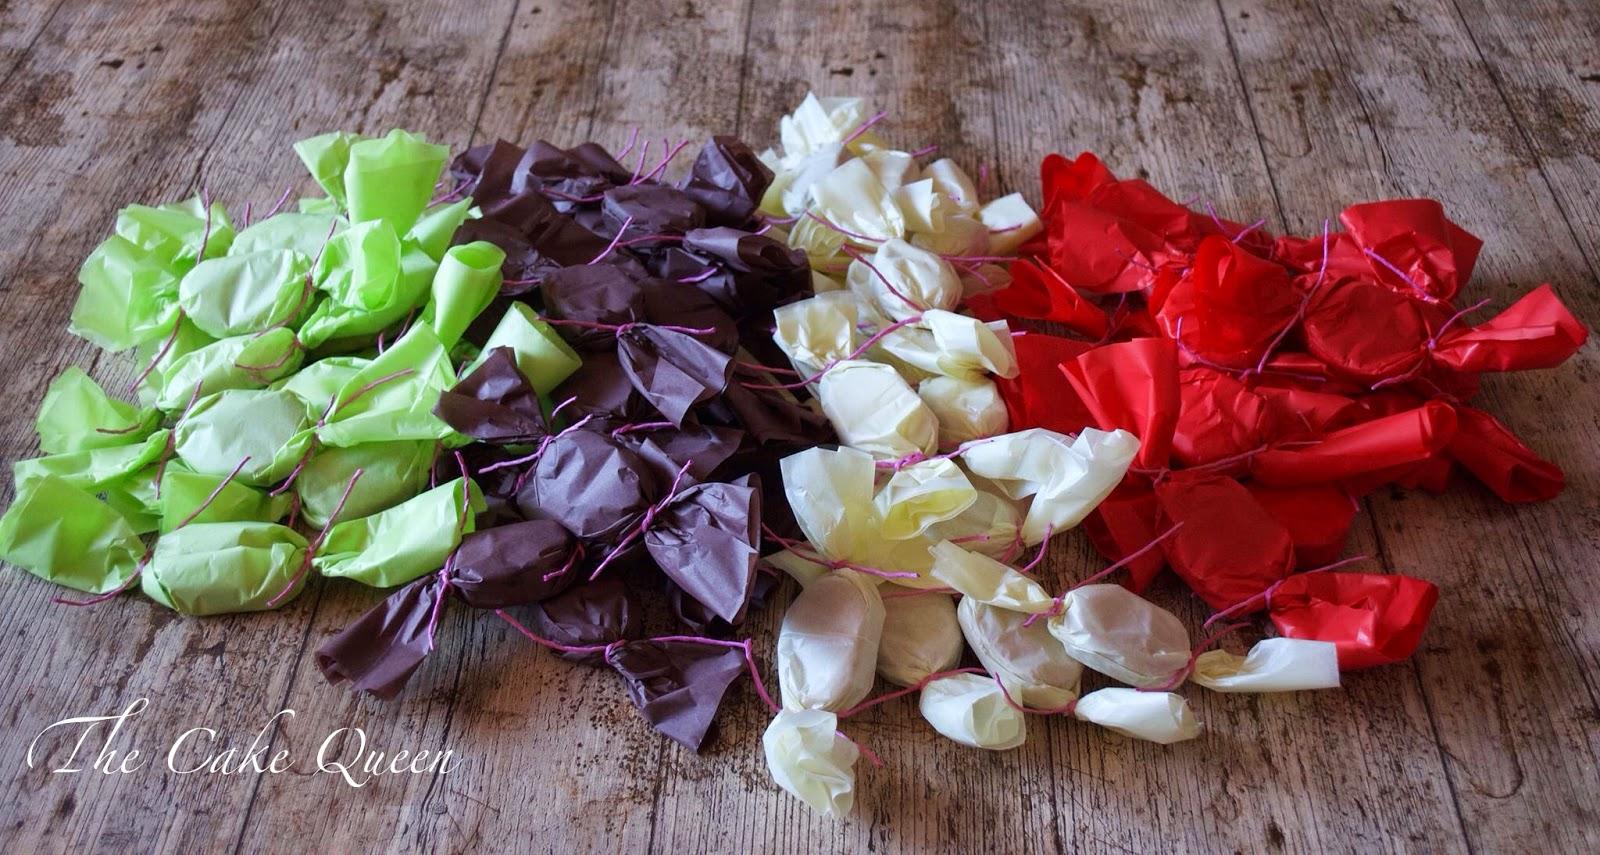 Mis polvorones, envueltos en papel de seda quedan preciosos